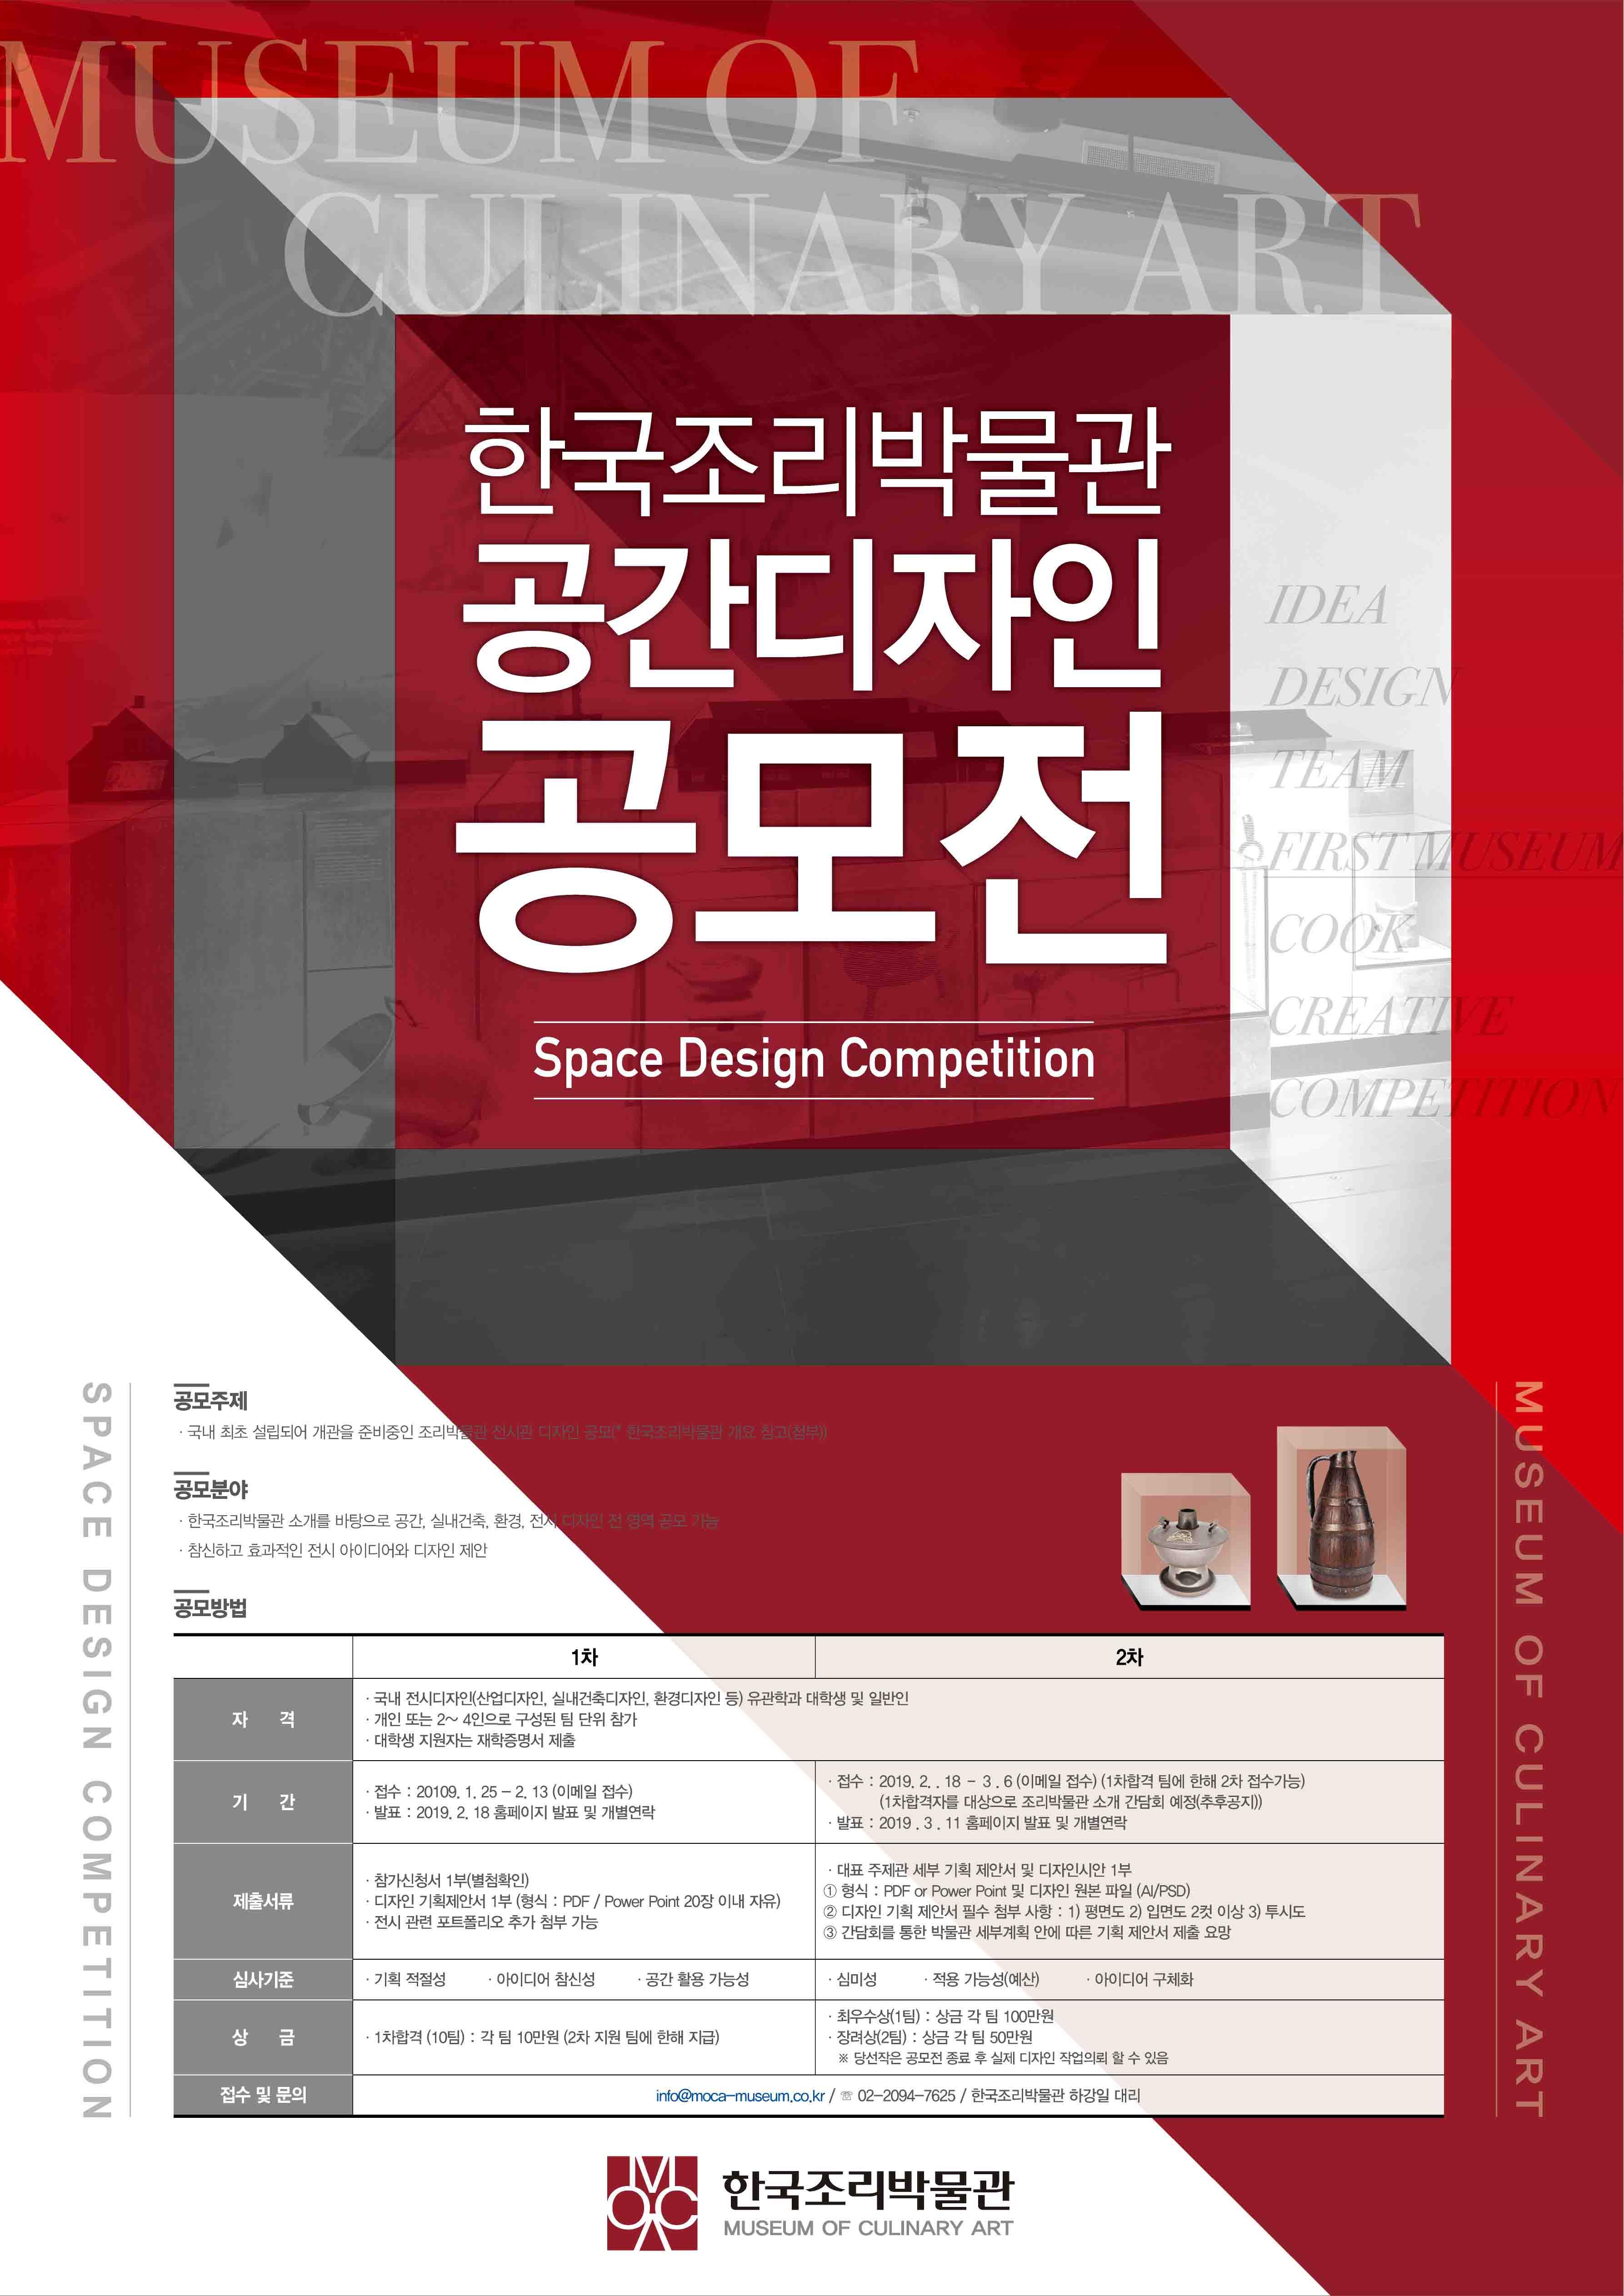 한국조리박물관 공간디자인 공모전